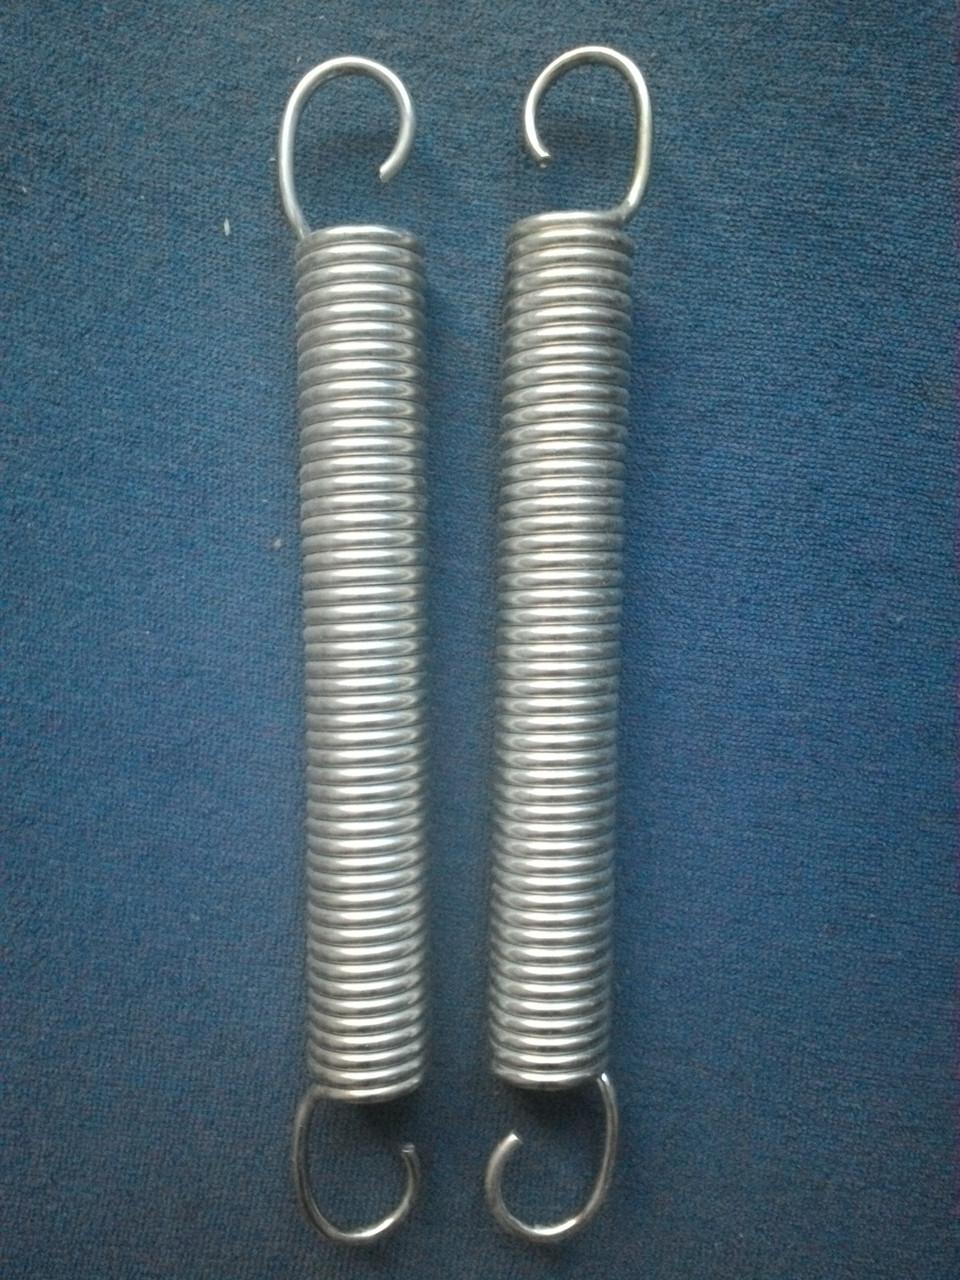 Пружины для спортивных батутов. Изготовление пружин для батута